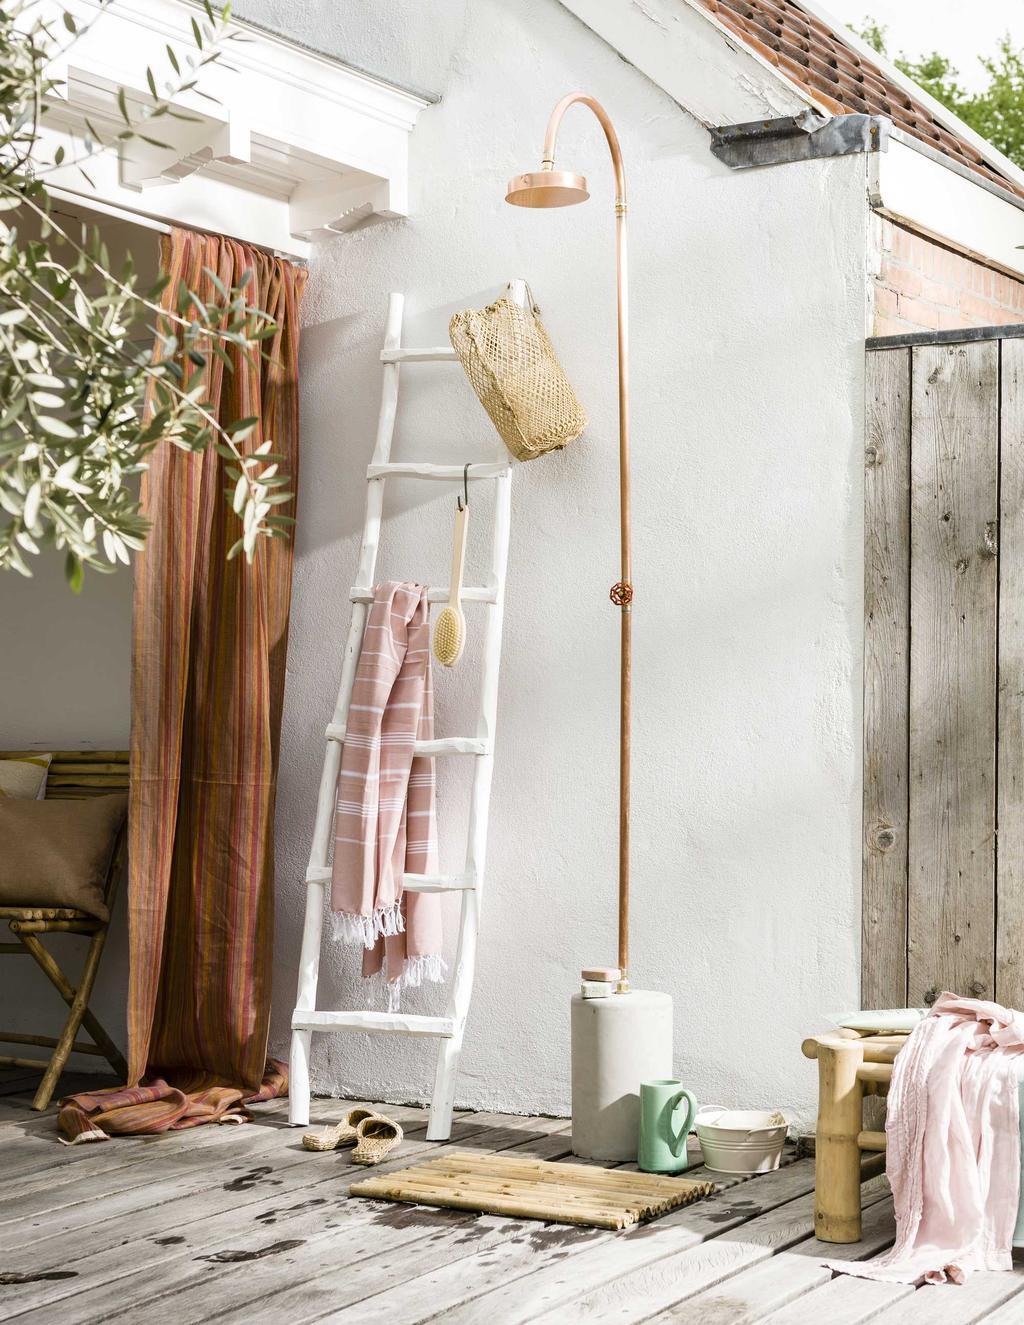 vtwonen 07-2016 | zomerzoet vakantie in eigen tuin styling buitendouche koper met witte oude ladder